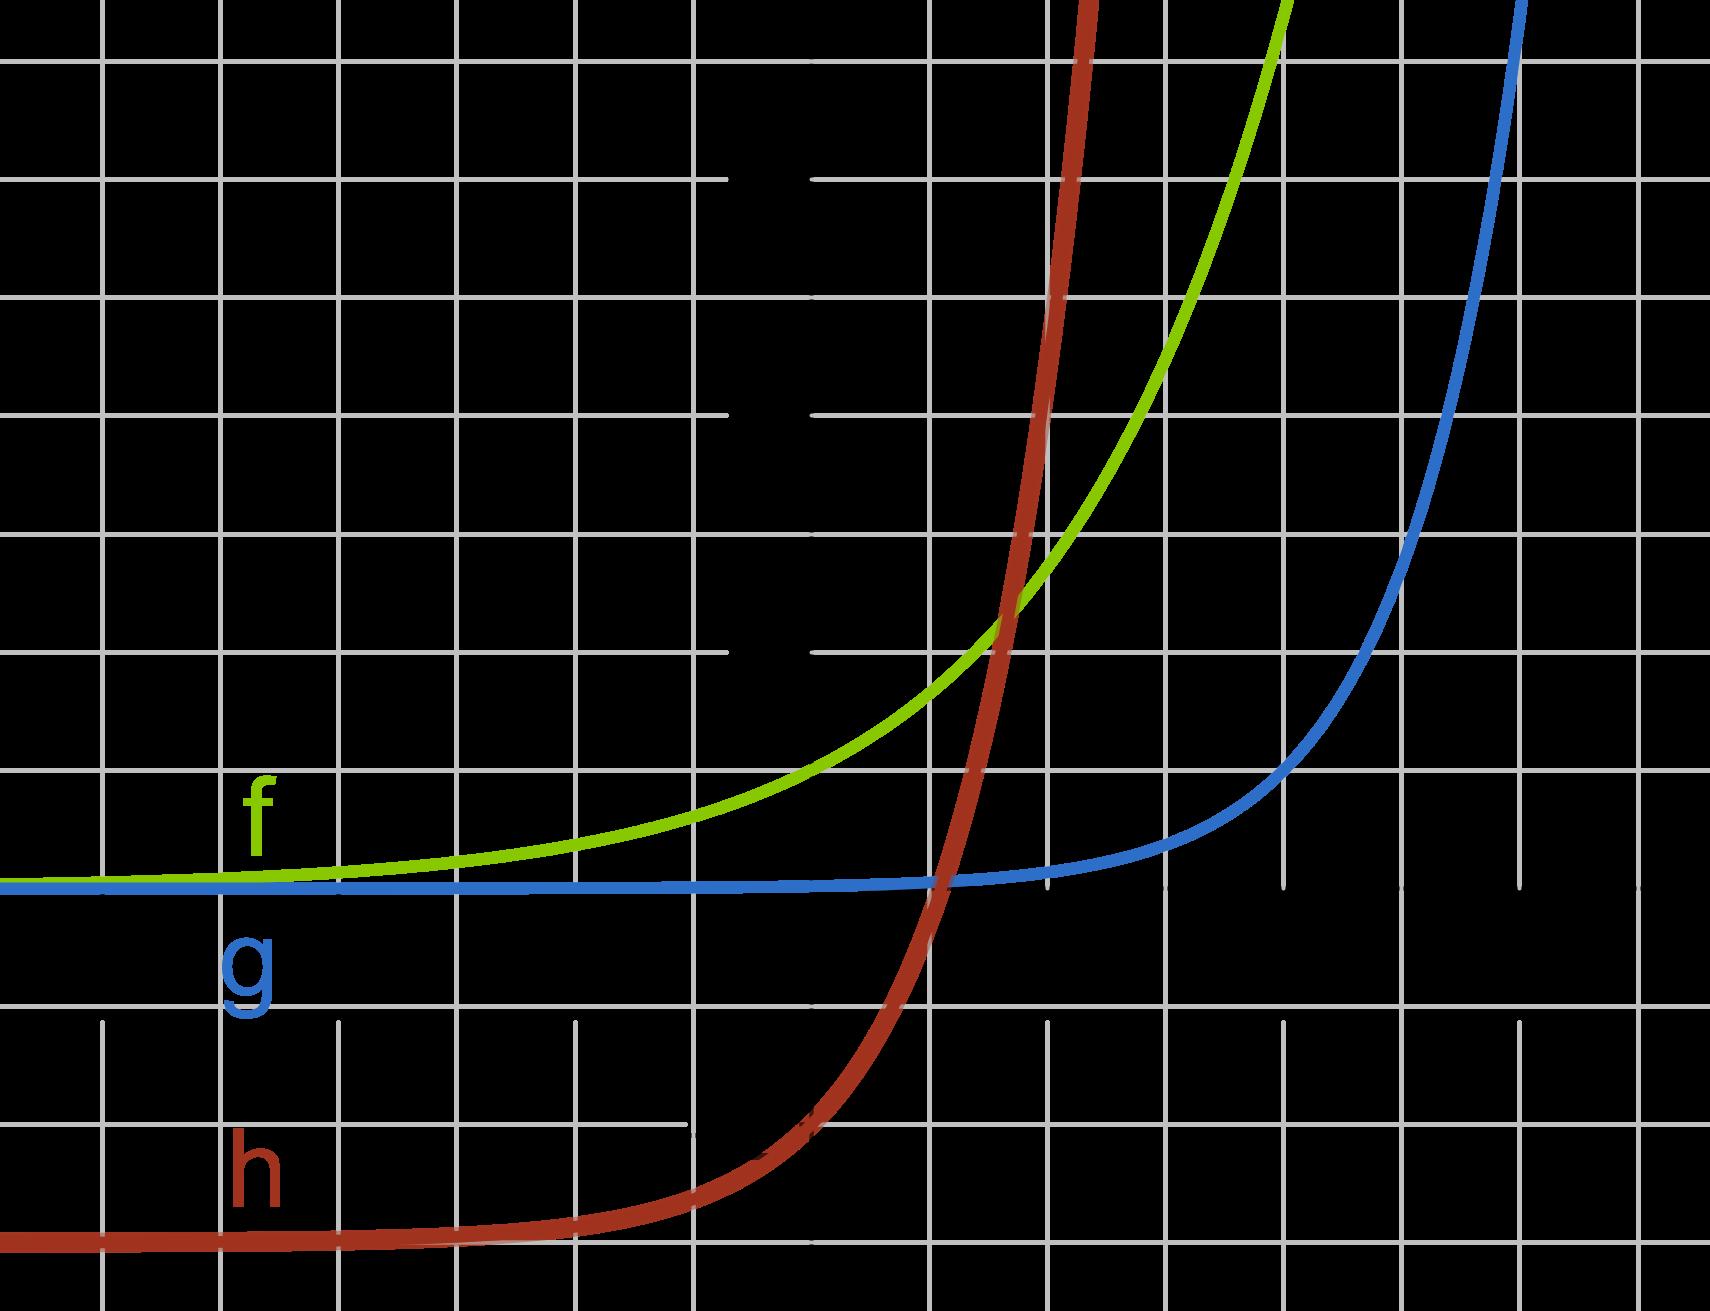 Exponentialfunktion: Verschiebung